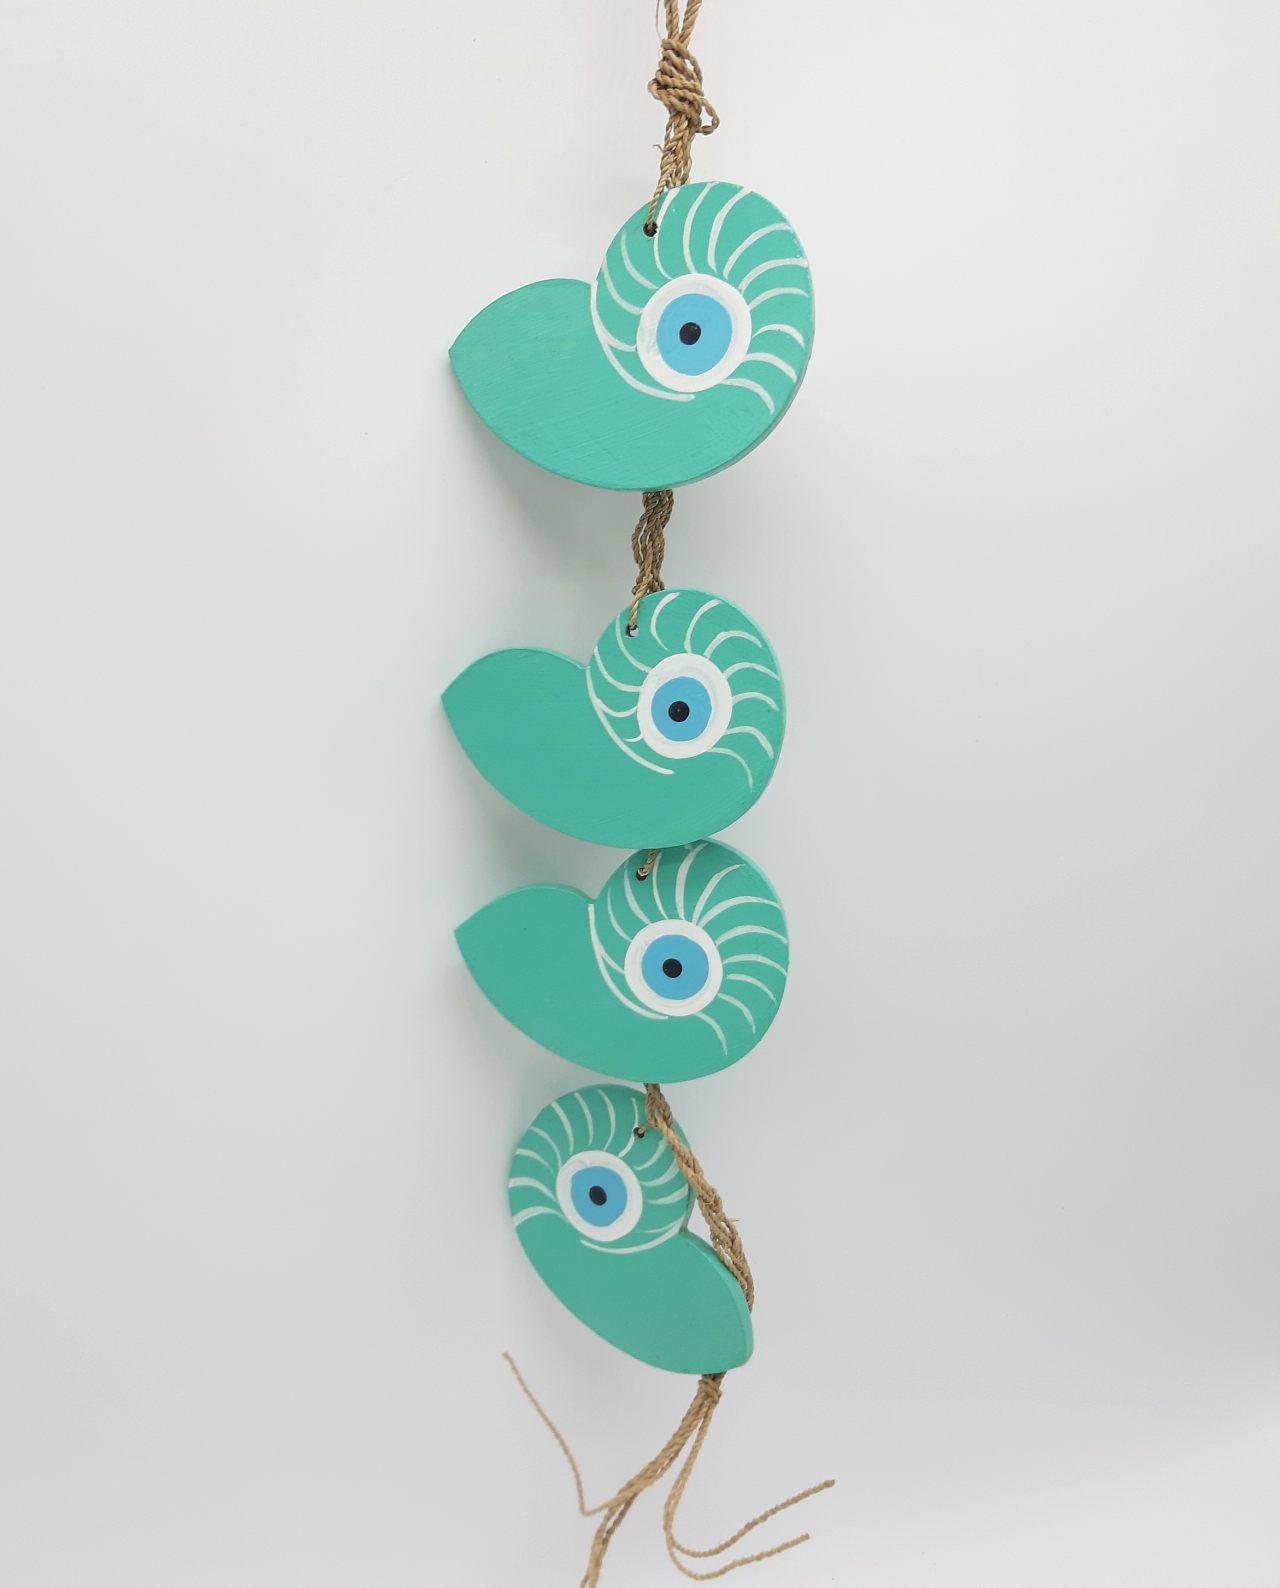 Γιρλάντα 4 Κοχύλια Ναυτίλος Ματάκι Ξύλινα Χειροποίητα χρώμα τυρκουαζ